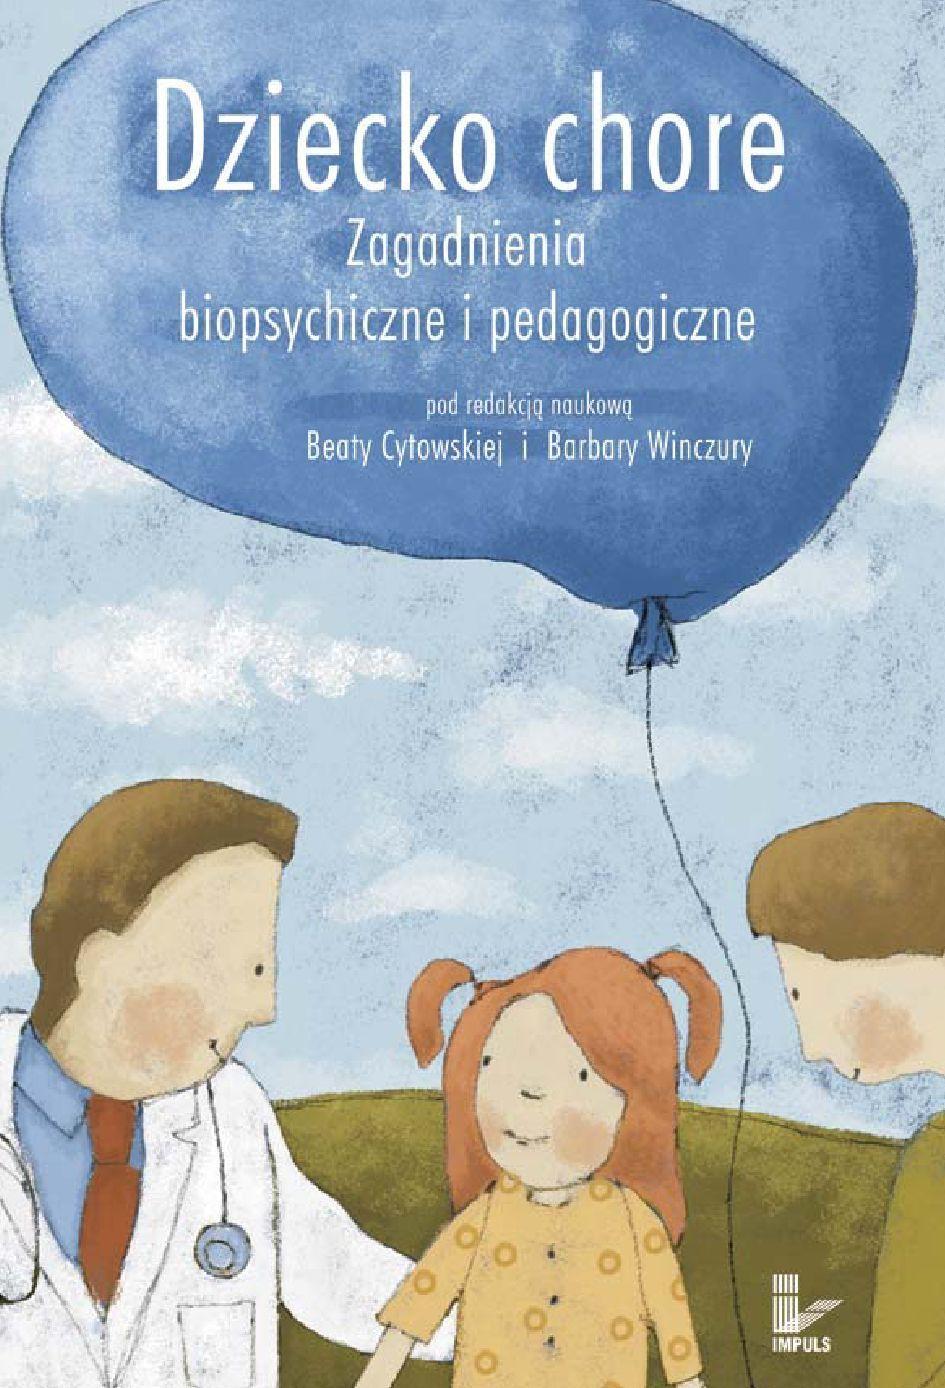 Dziecko chore - Ebook (Książka na Kindle) do pobrania w formacie MOBI